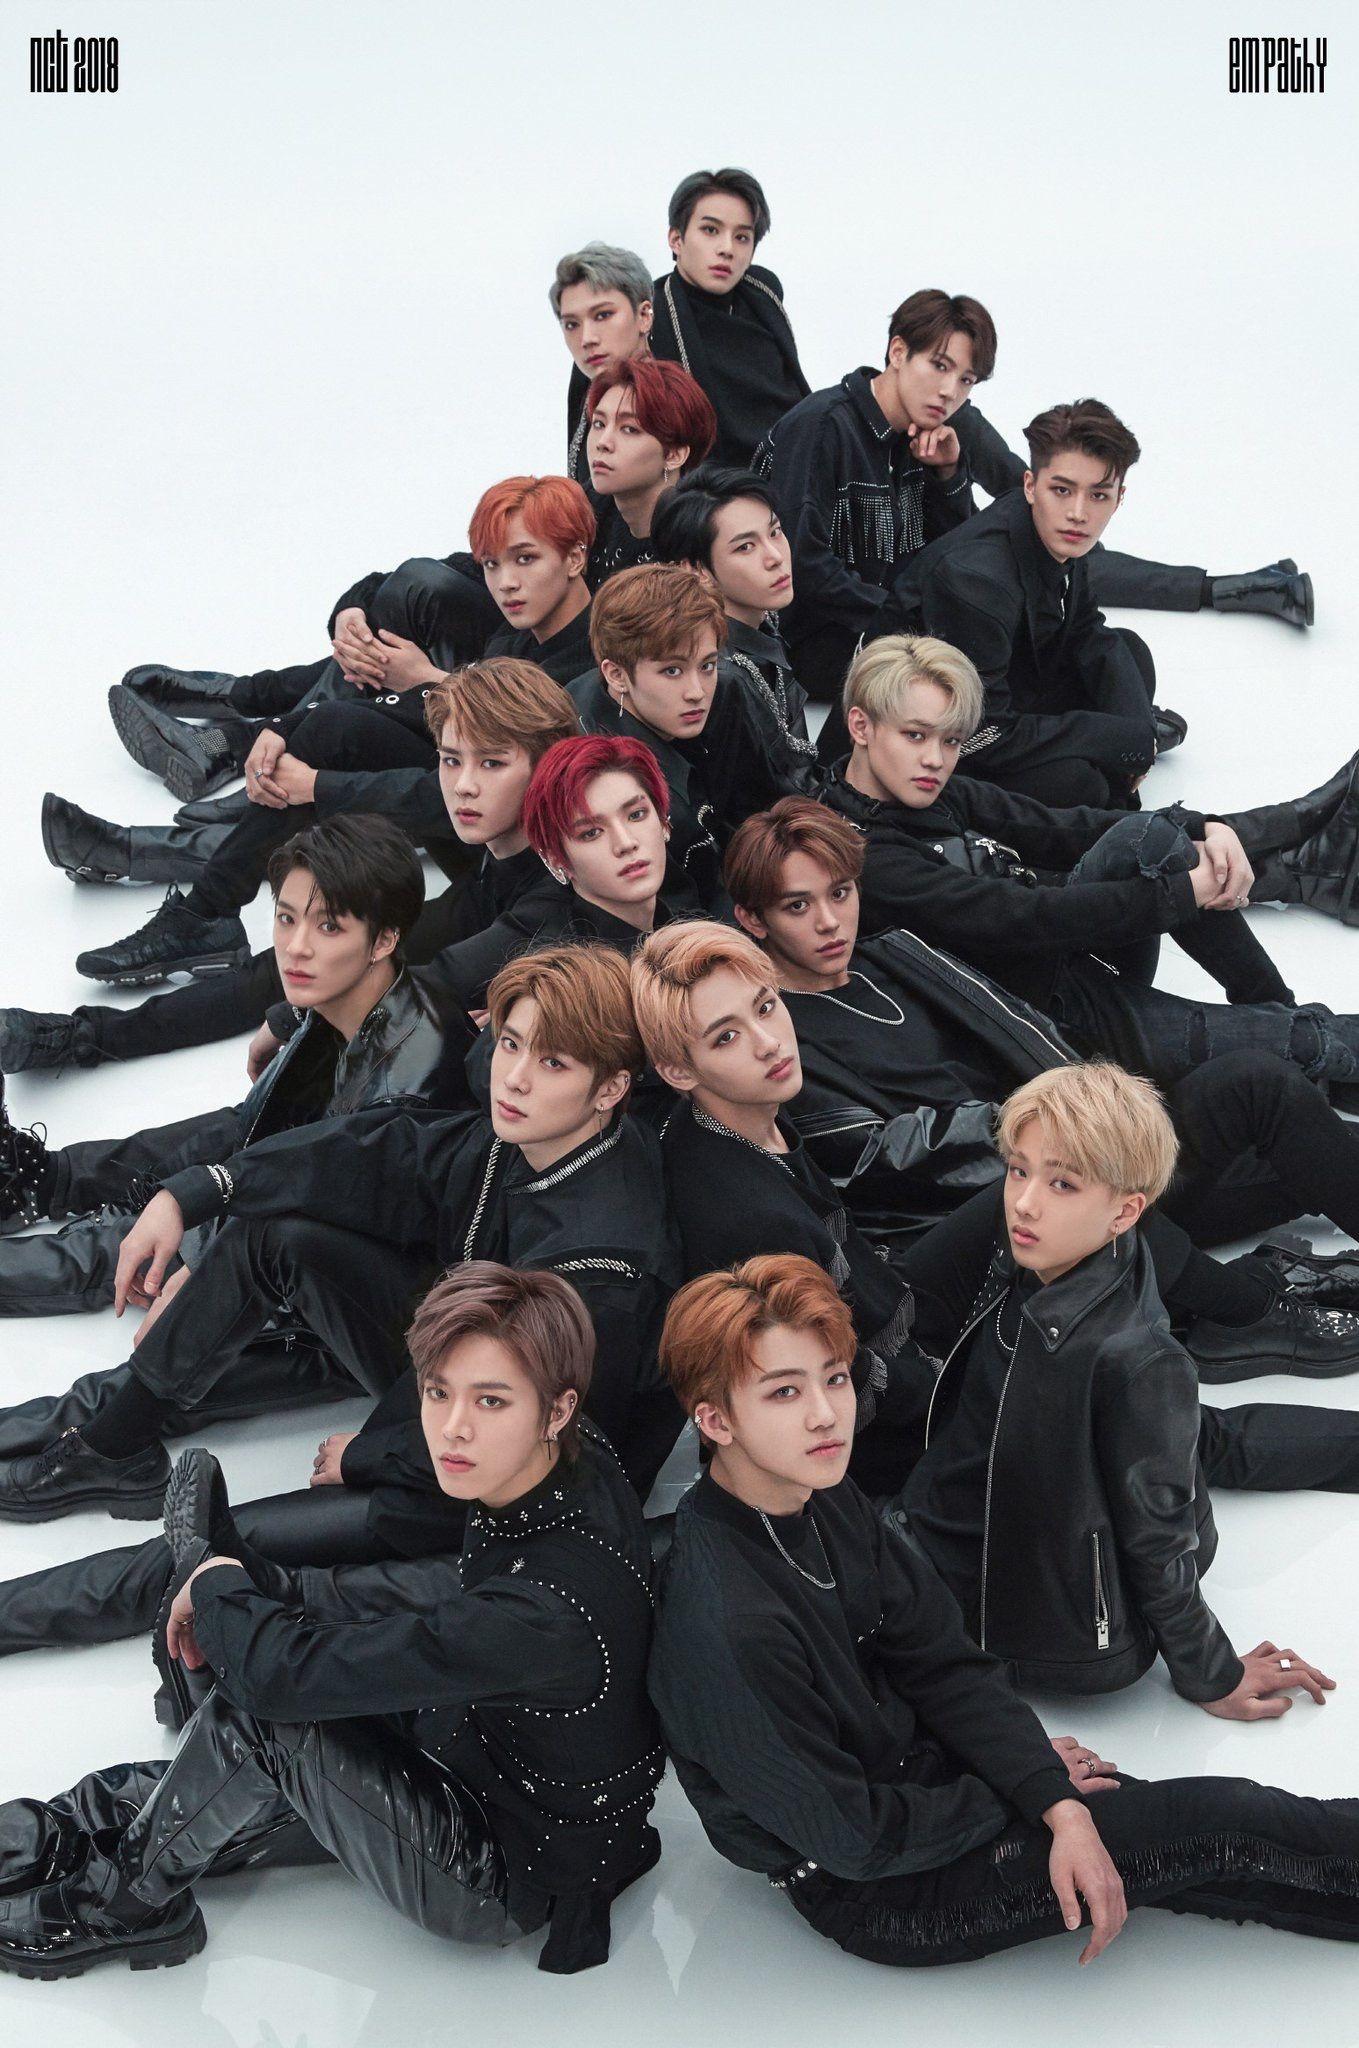 NCT 2018 Empathy | kpop | NCT, Nct taeyong, Nct group